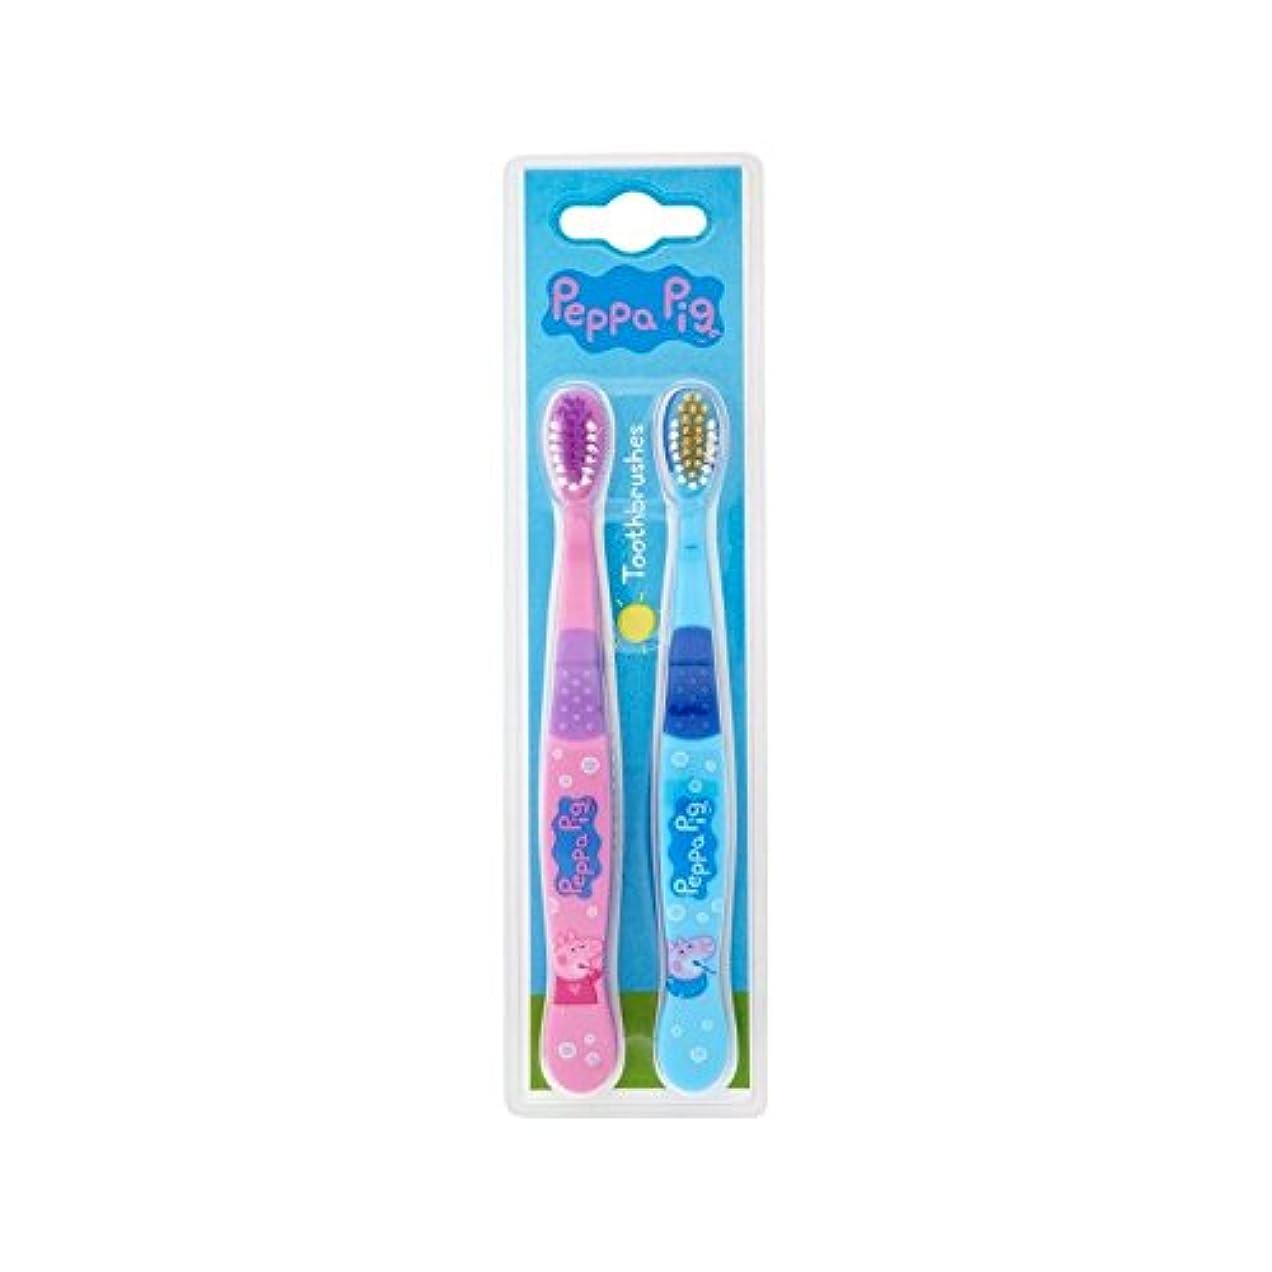 郊外困惑する描写1パックツイン歯ブラシ2 (Peppa Pig) (x 2) - Peppa Pig Twin Toothbrush 2 per pack (Pack of 2) [並行輸入品]